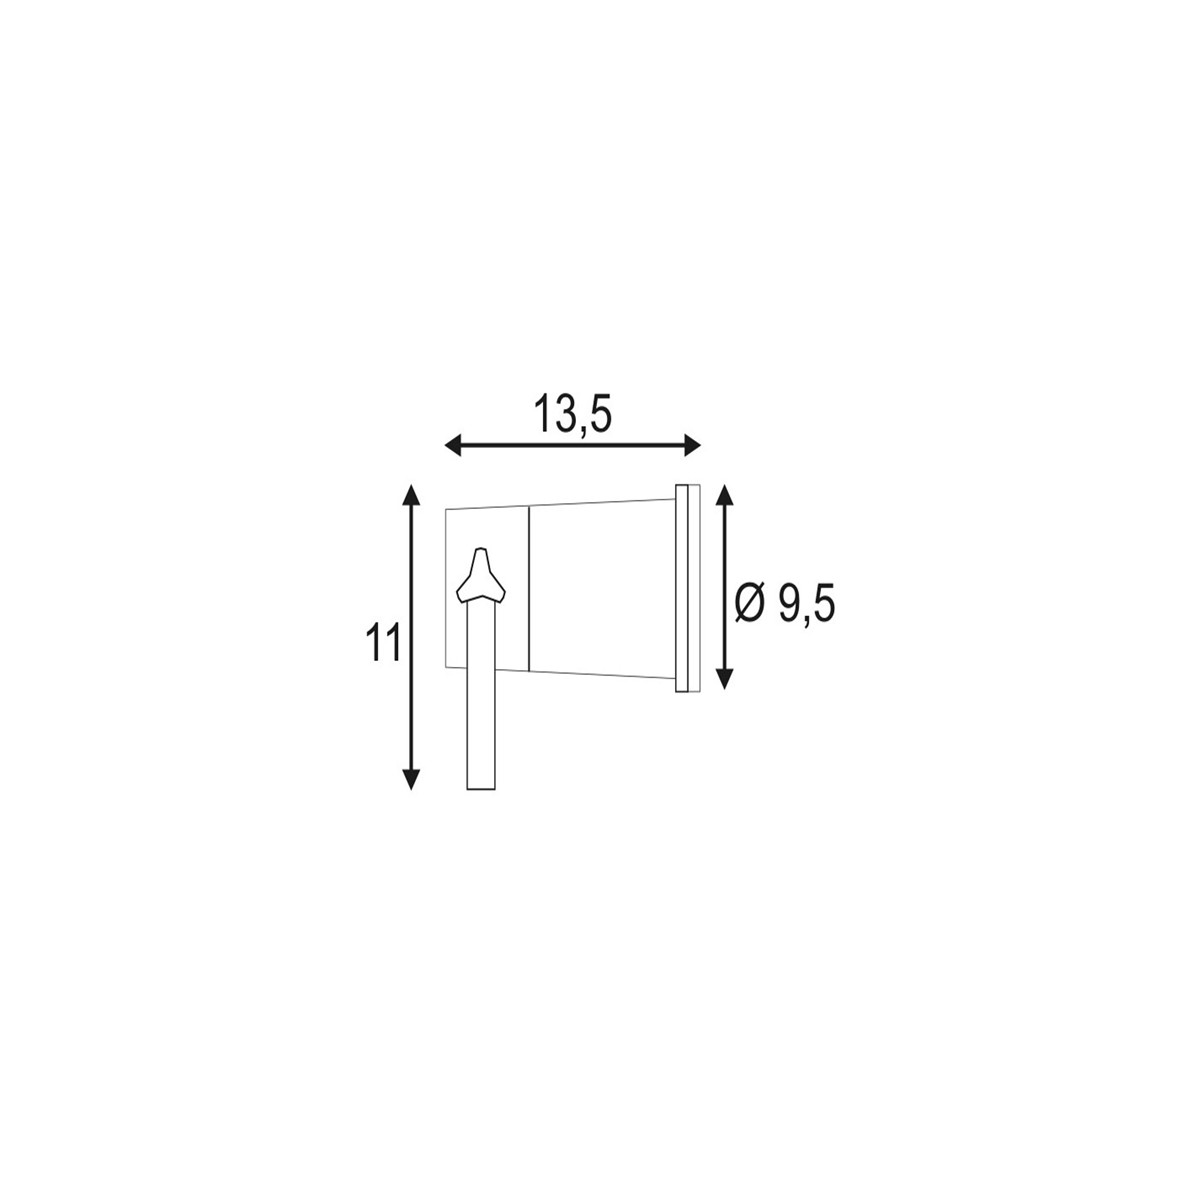 SPOTLINE/SLV NAUTILUS SPIKE XL. Czarny. GU10 max. 11W. wraz z 1.5m przewód z wtyczką 227410 Reflektor